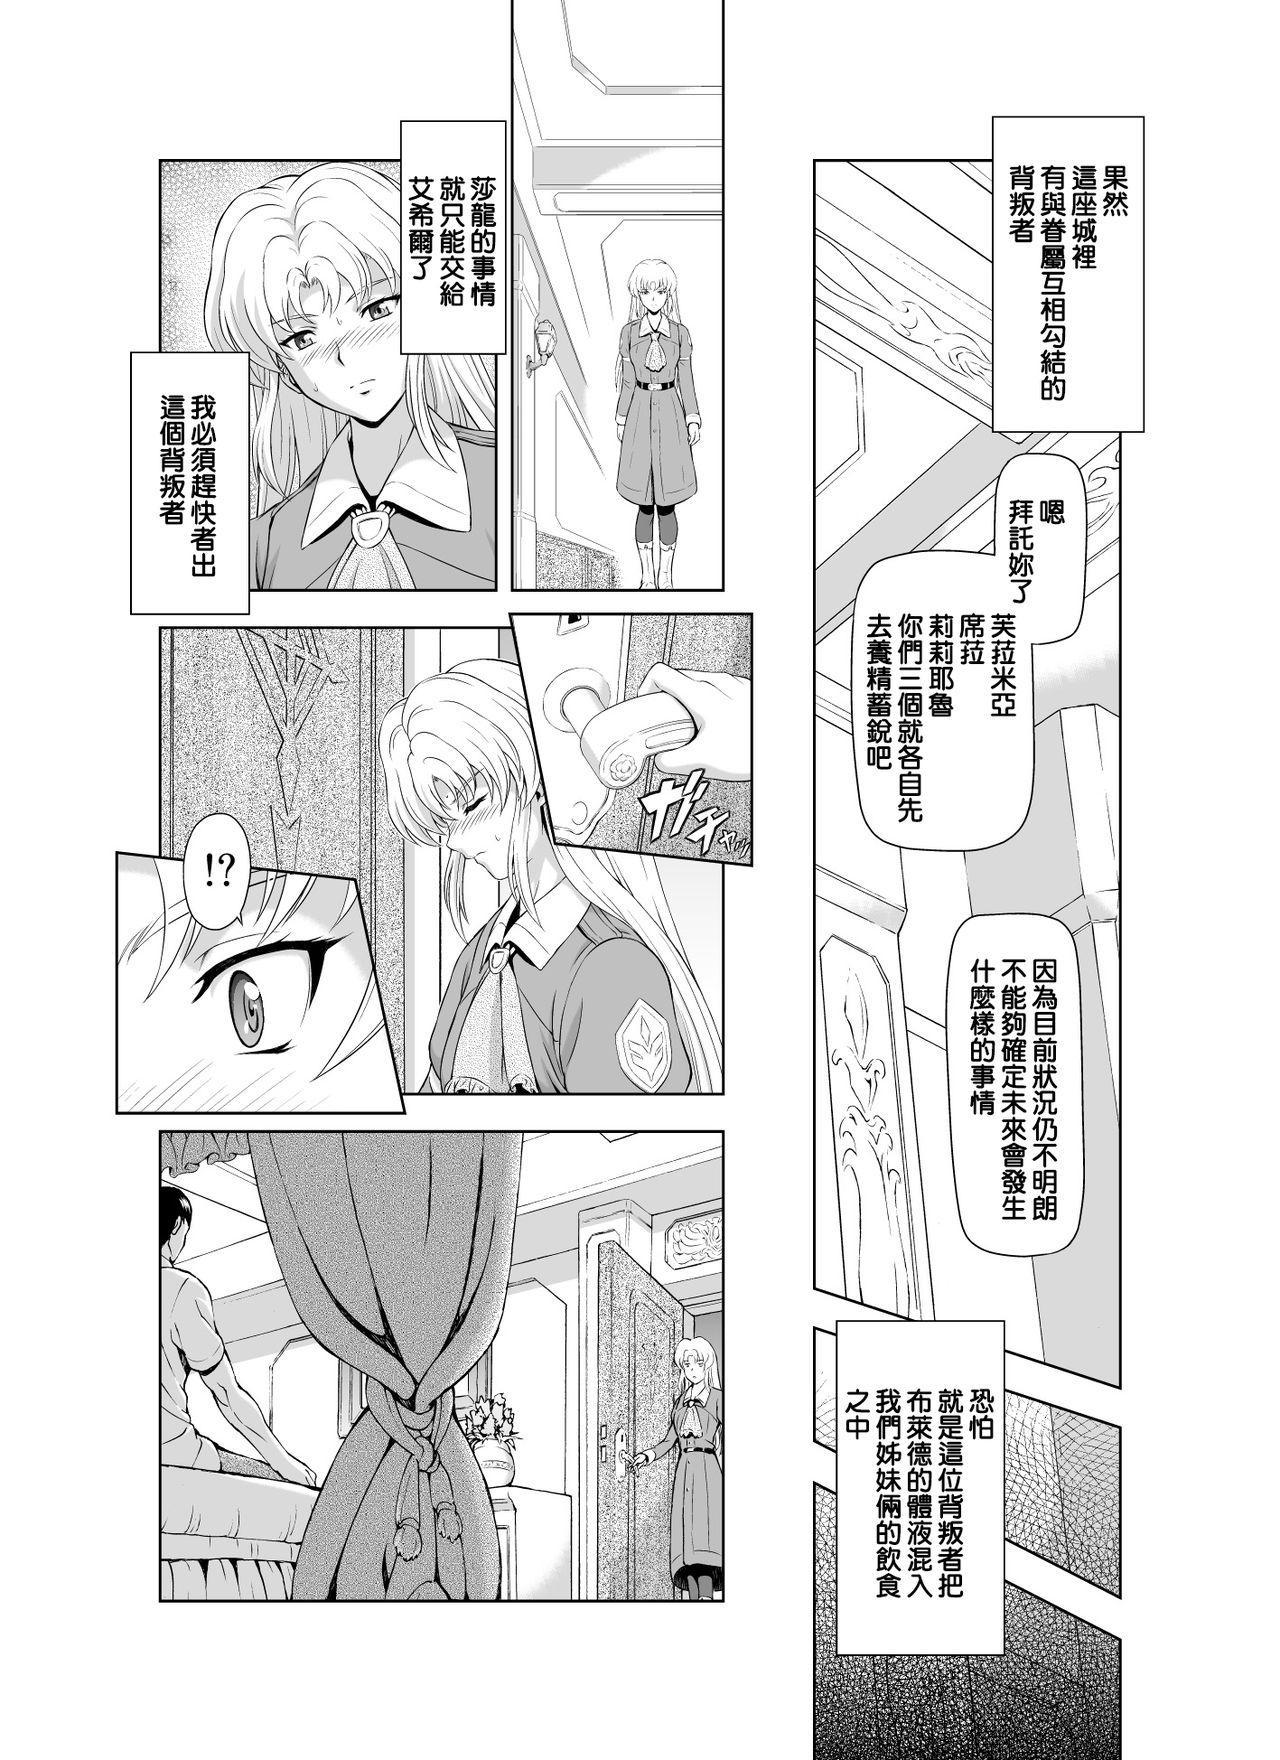 Reties no Michibiki Vol. 2 | 蕾蒂絲的引導 Vol. 2 11